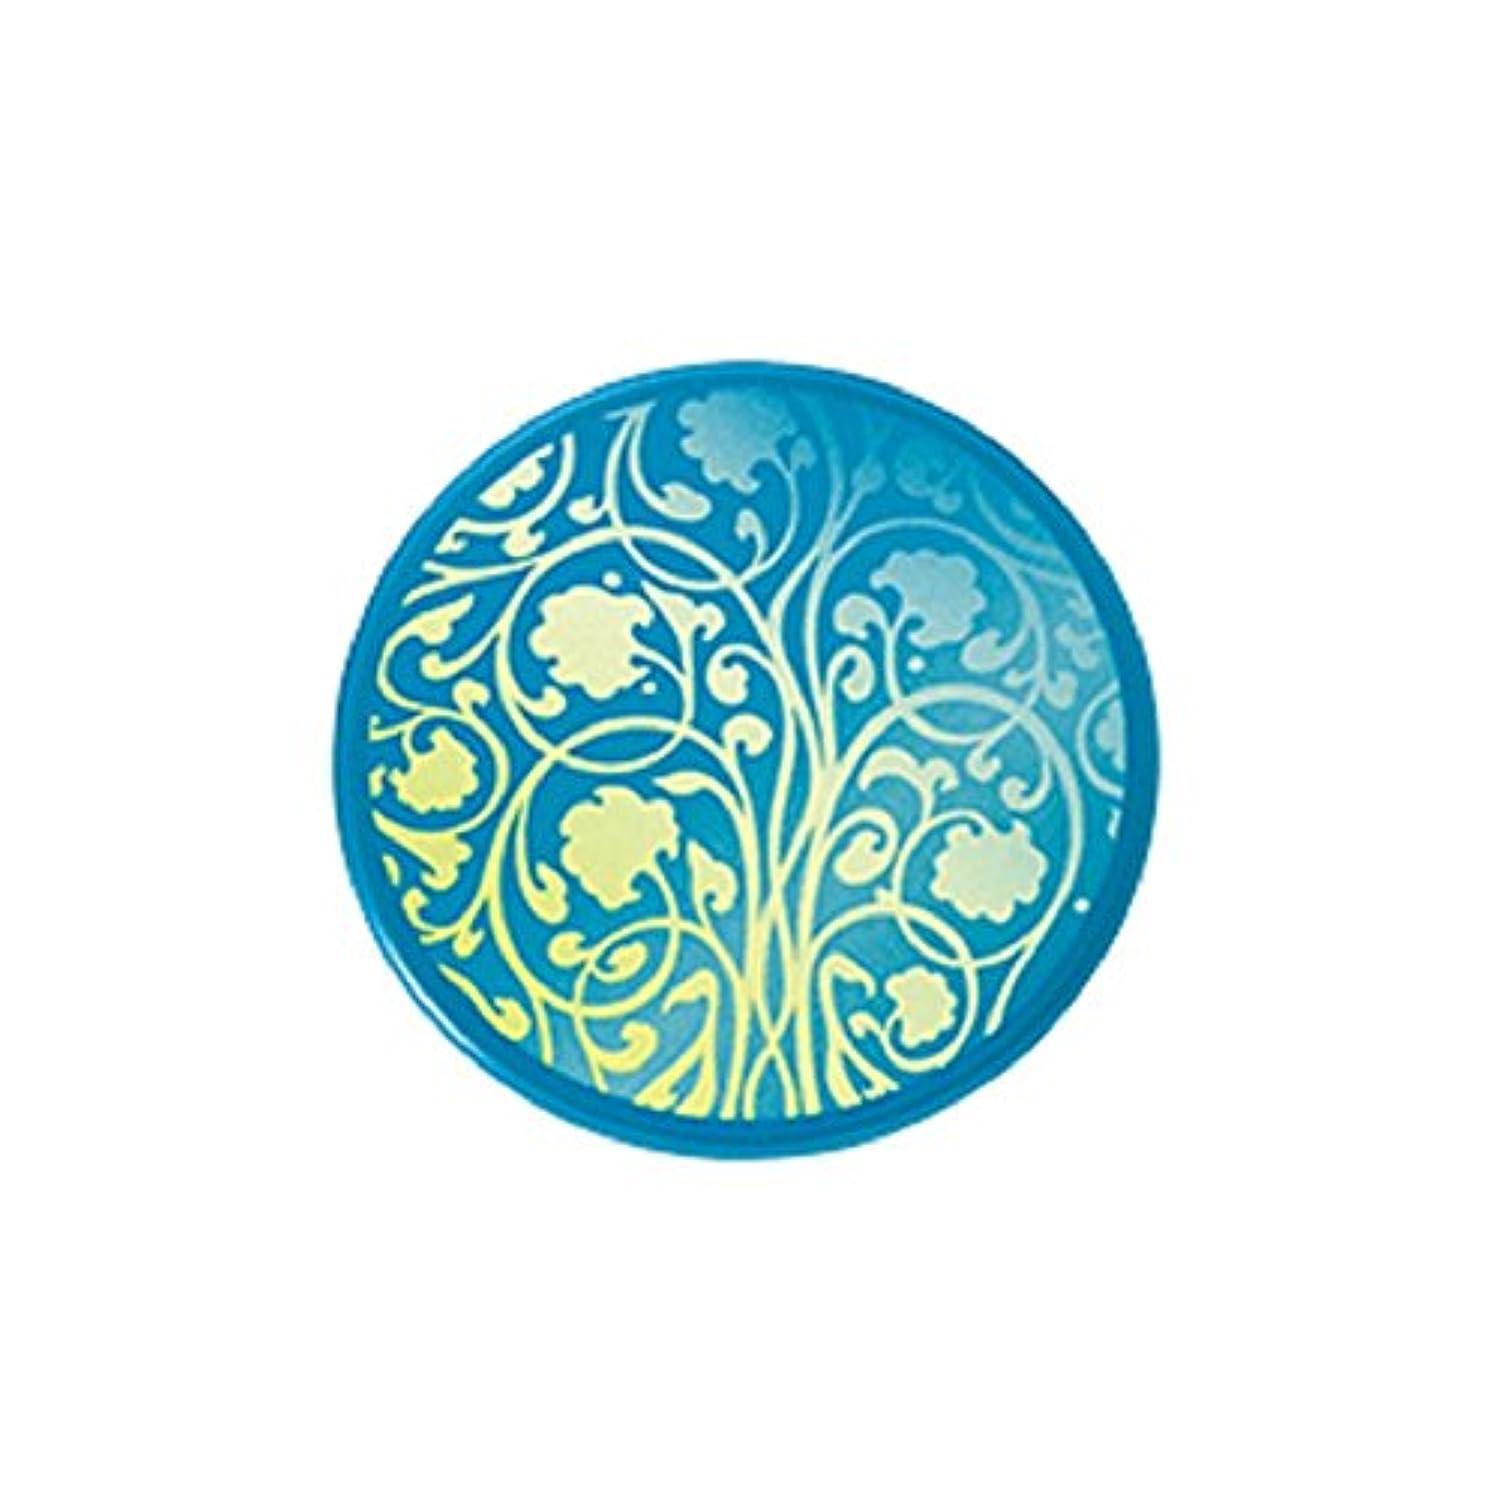 羊の振り子肌寒いアユーラ (AYURA) ウェルフィット アロマバーム 14g 〈ソリッドパヒューム〉 心地よい森林の香気